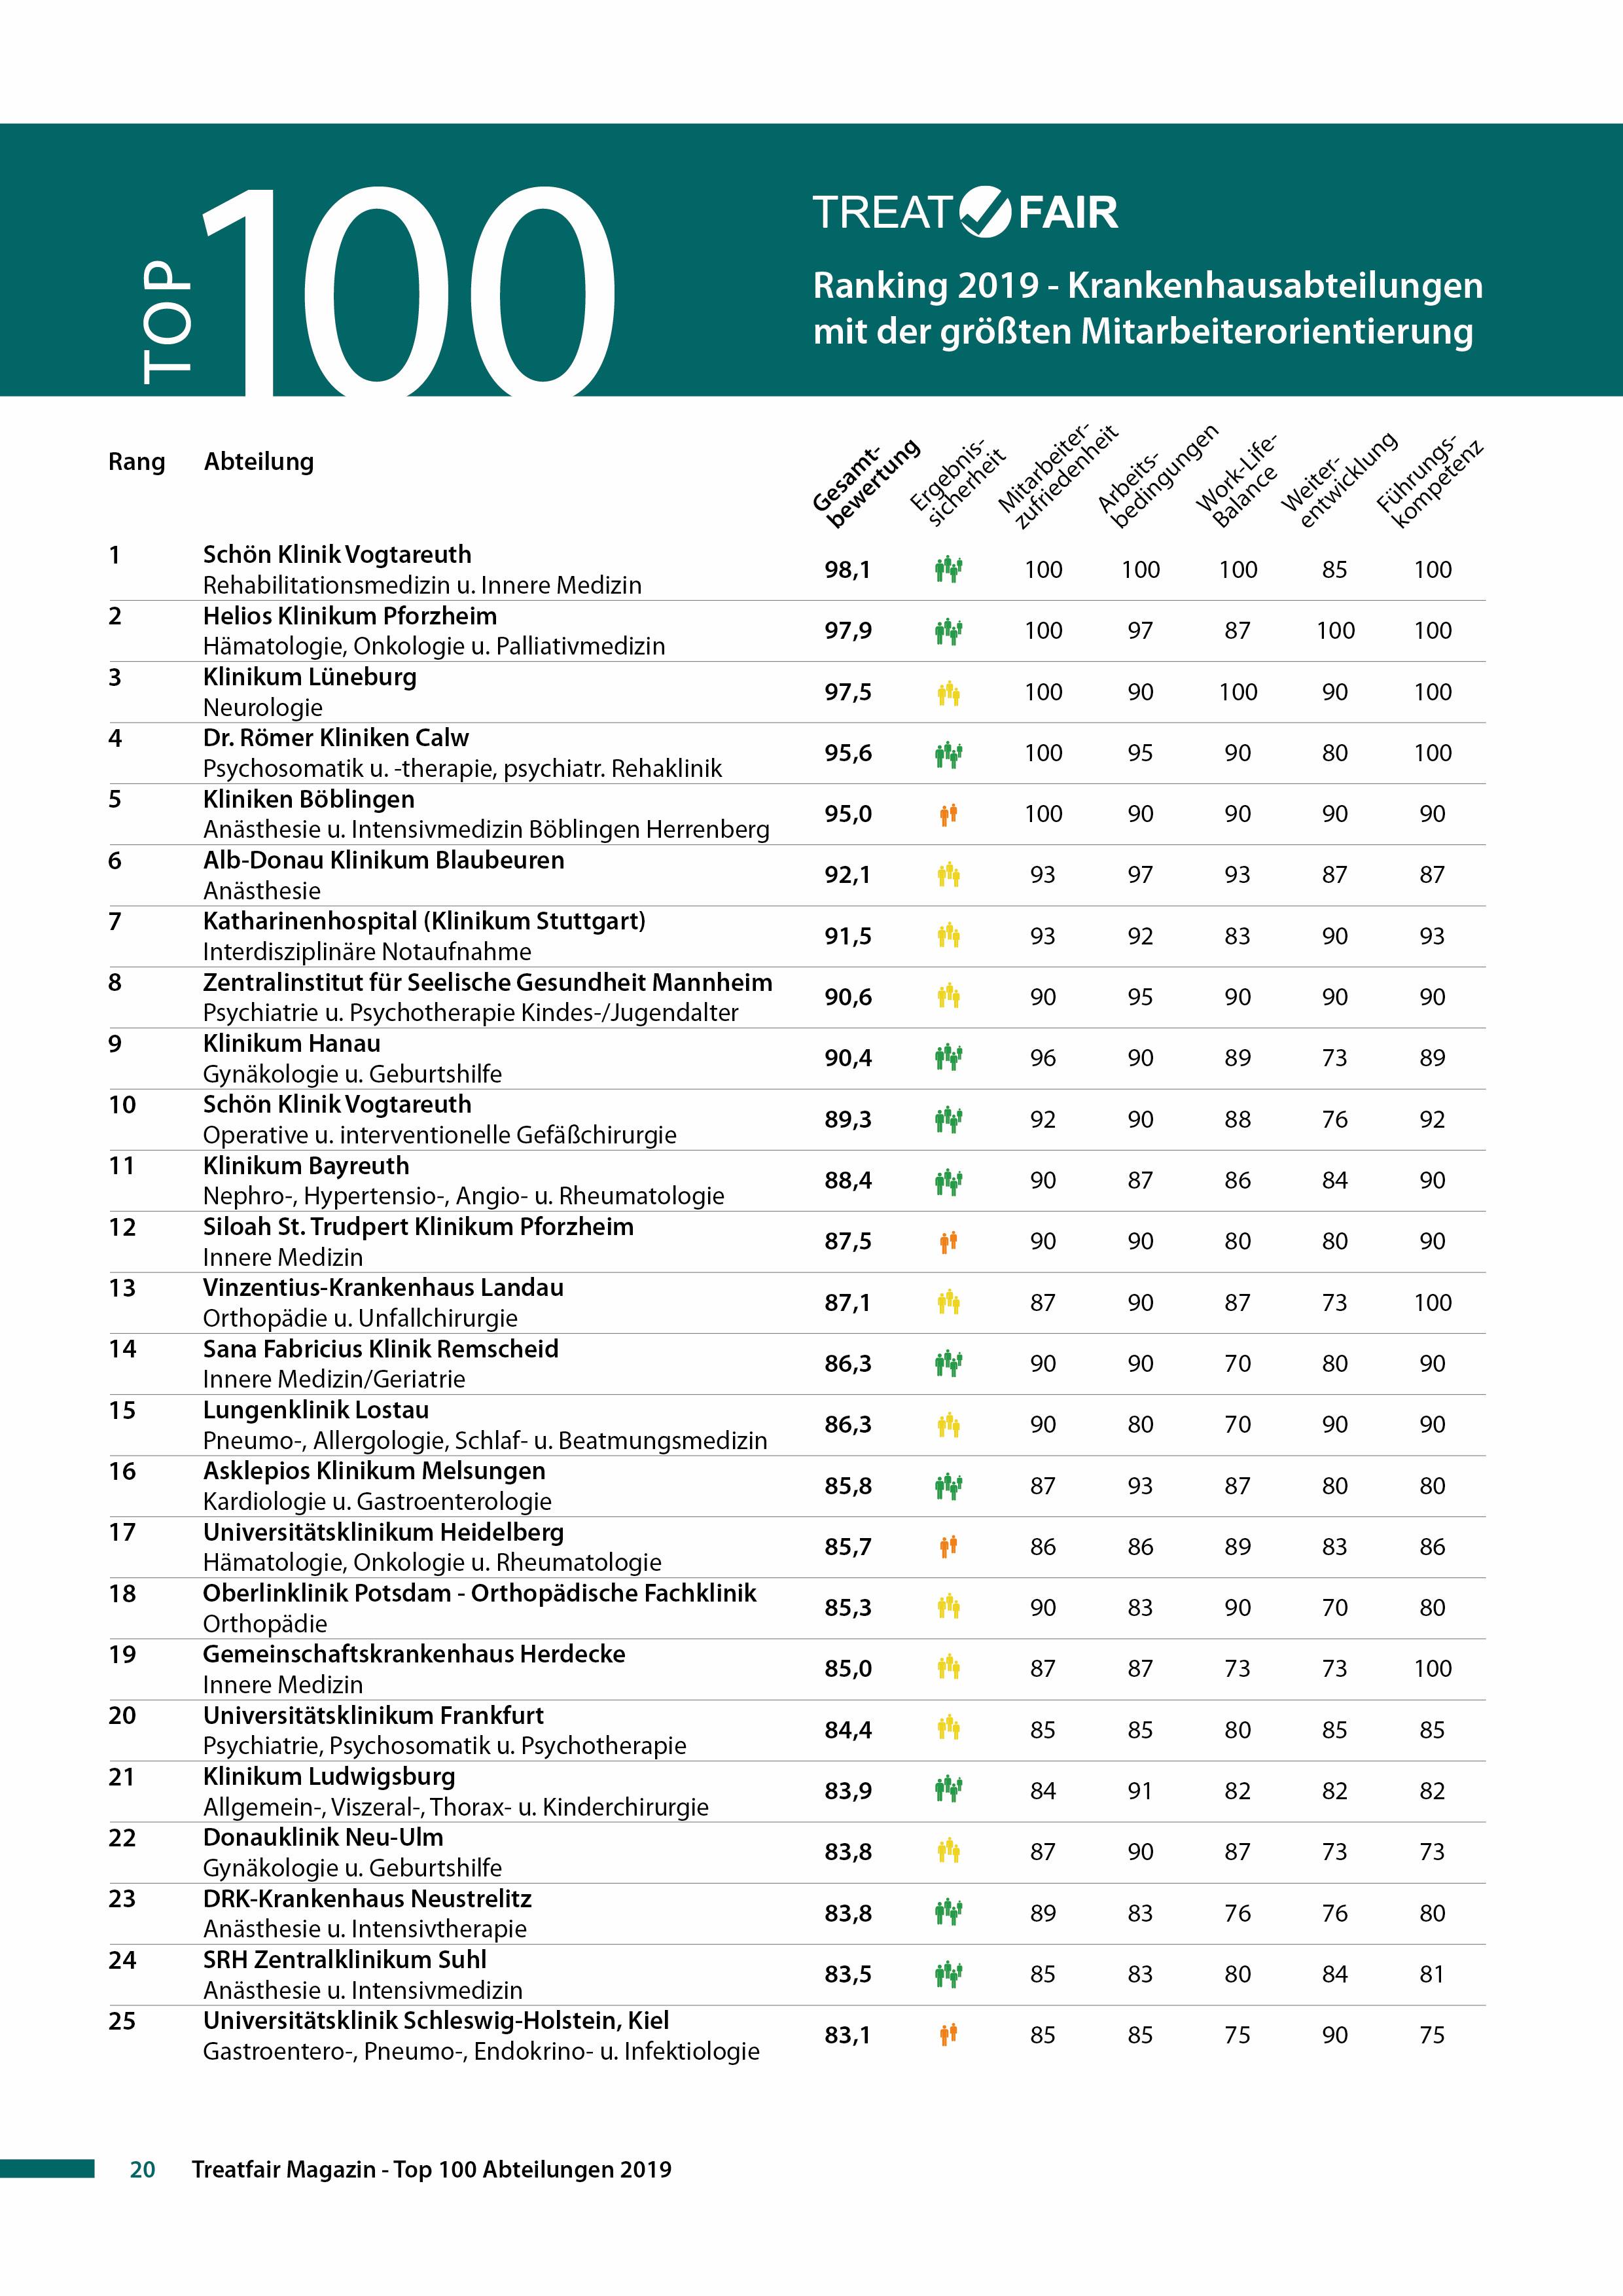 Treatfair Ranking 2019 Top 100 Seite 1.jpg